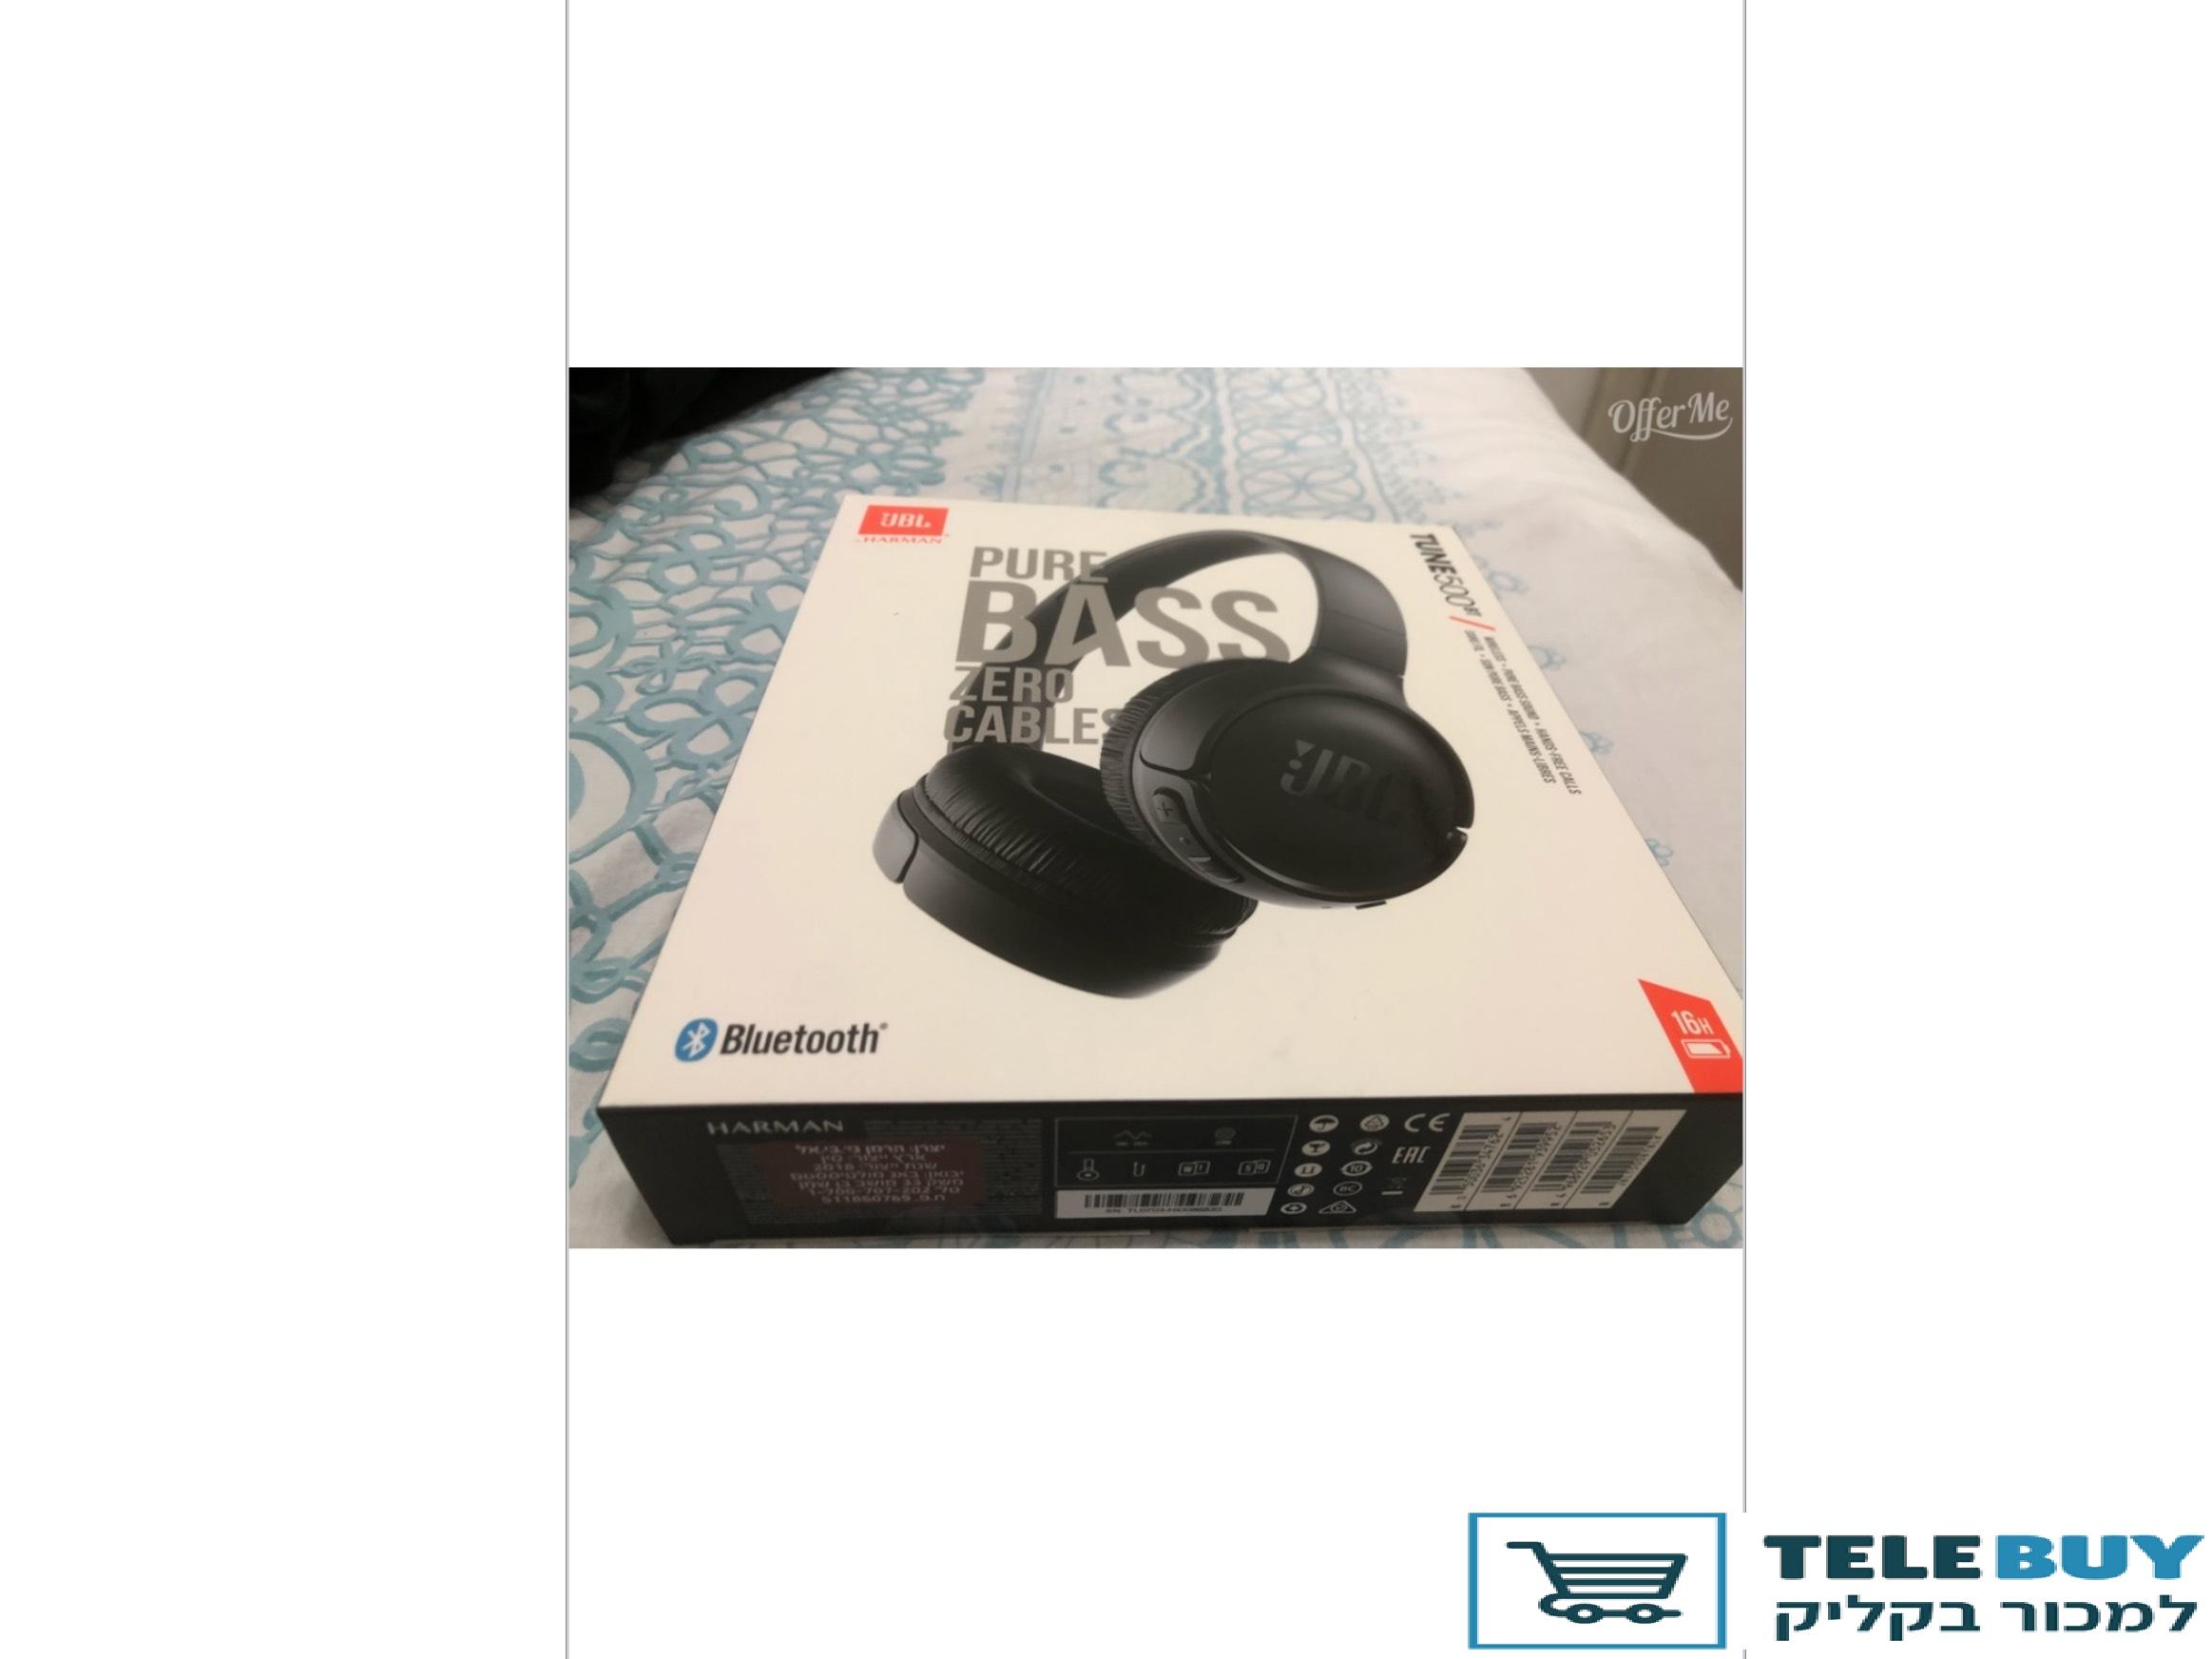 סלולרי אביזרים לסלולרי אוזניות לסלולרי אוזניות אלחוטיות (בלוטוס) ברמת השרון והרצליה